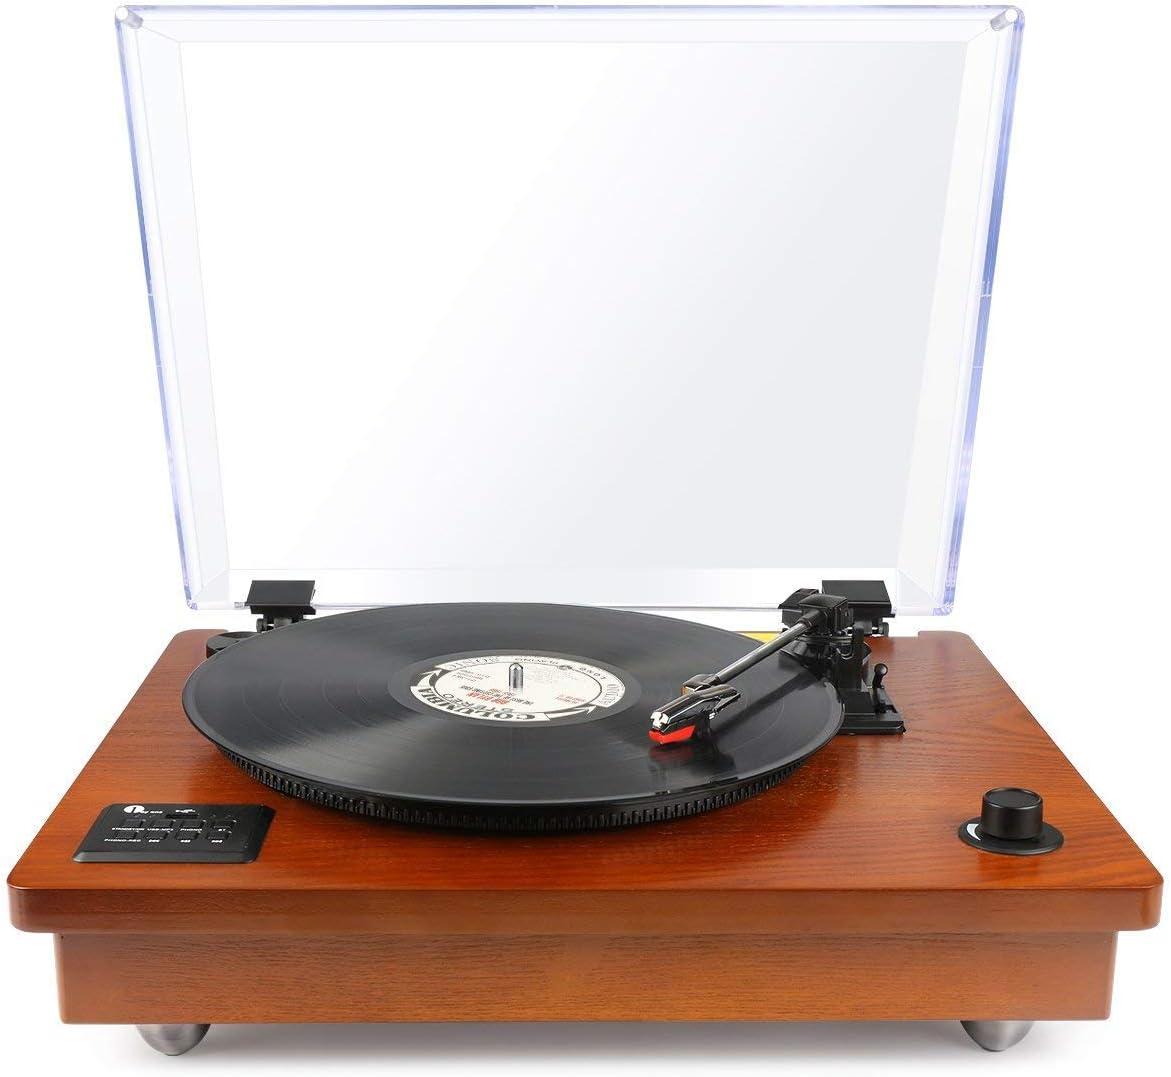 1 BY ONE Wireless Tocadiscos Estéreo Portátil con Altavoces Integrados, Compatible con Salida RCA, Puerto de Auriculares, MP3, la reproducción de música de teléfonos móviles,Madera Natural